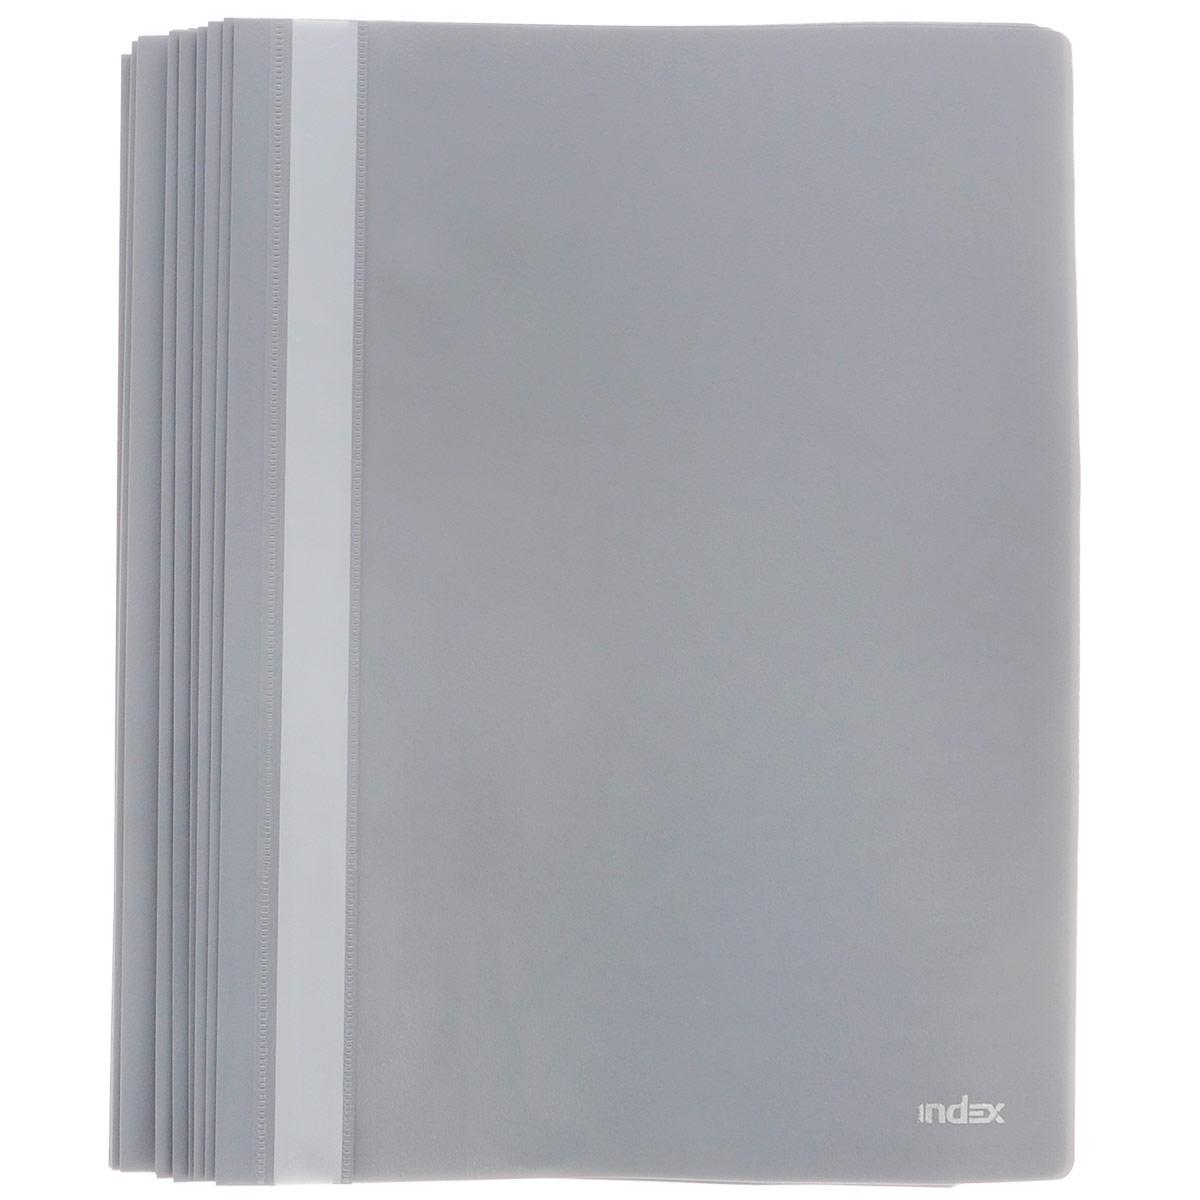 Папка-скоросшиватель Index, цвет: серый. Формат А4, 20 штAC-1121RDПапка-скоросшиватель Index, изготовленная из высококачественного полипропилена, это удобный и практичный офисный инструмент, предназначенный для хранения и транспортировки рабочих бумаг и документов формата А4. Папка оснащена верхним прозрачным матовым листом и металлическим зажимом внутри для надежного удержания бумаг. В наборе - 20 папок.Папка-скоросшиватель - это незаменимый атрибут для студента, школьника, офисного работника. Такая папка надежно сохранит ваши документы и сбережет их от повреждений, пыли и влаги.Комплектация: 20 шт.